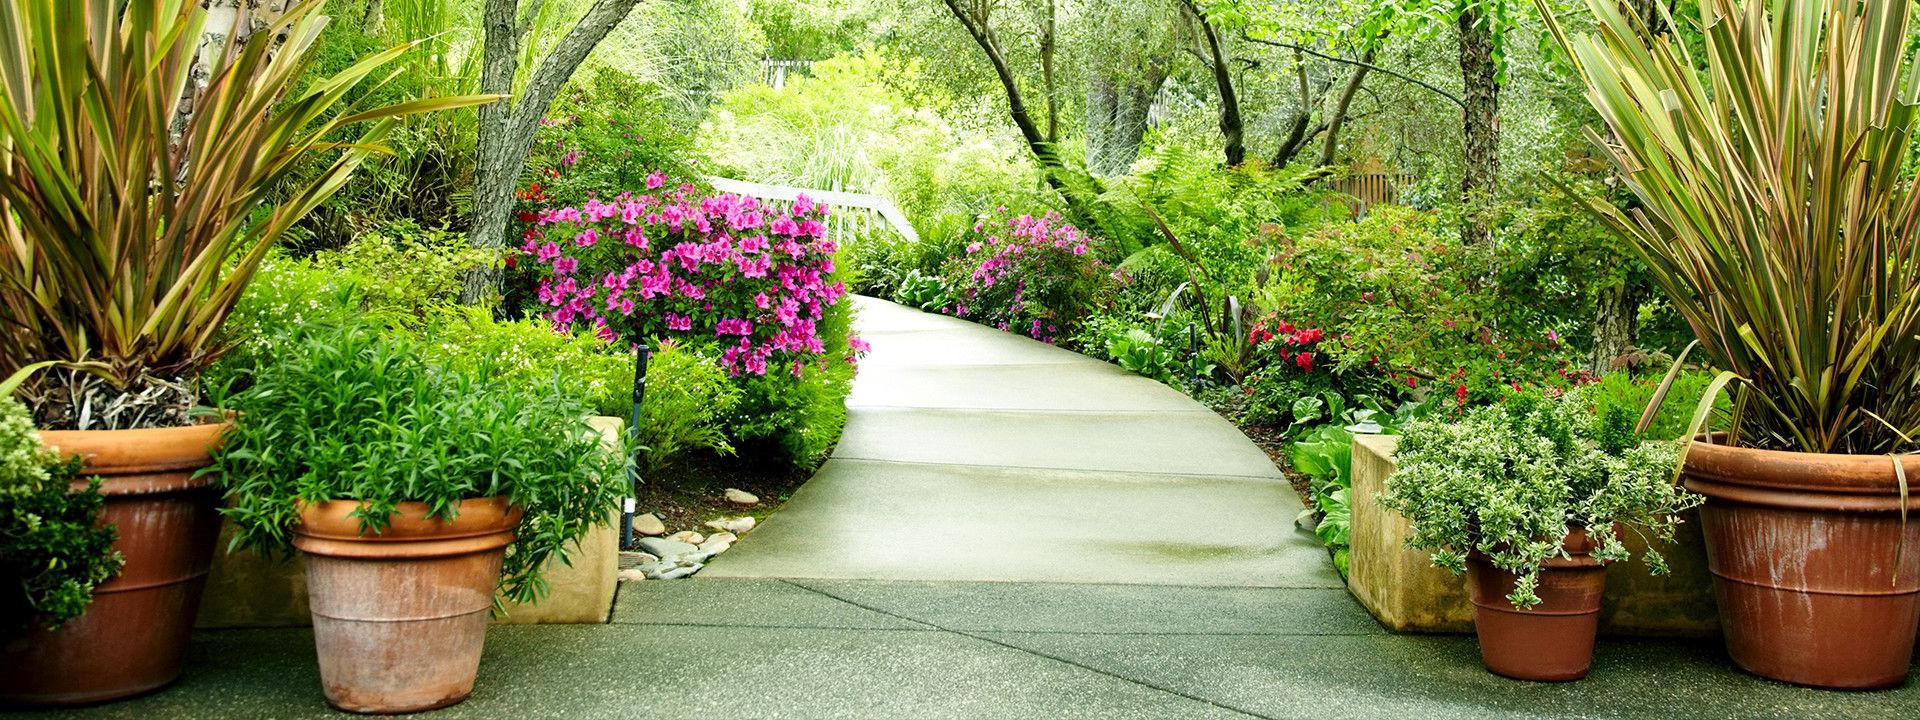 Resources | Memory Lane Memorial Park & Funeral Home